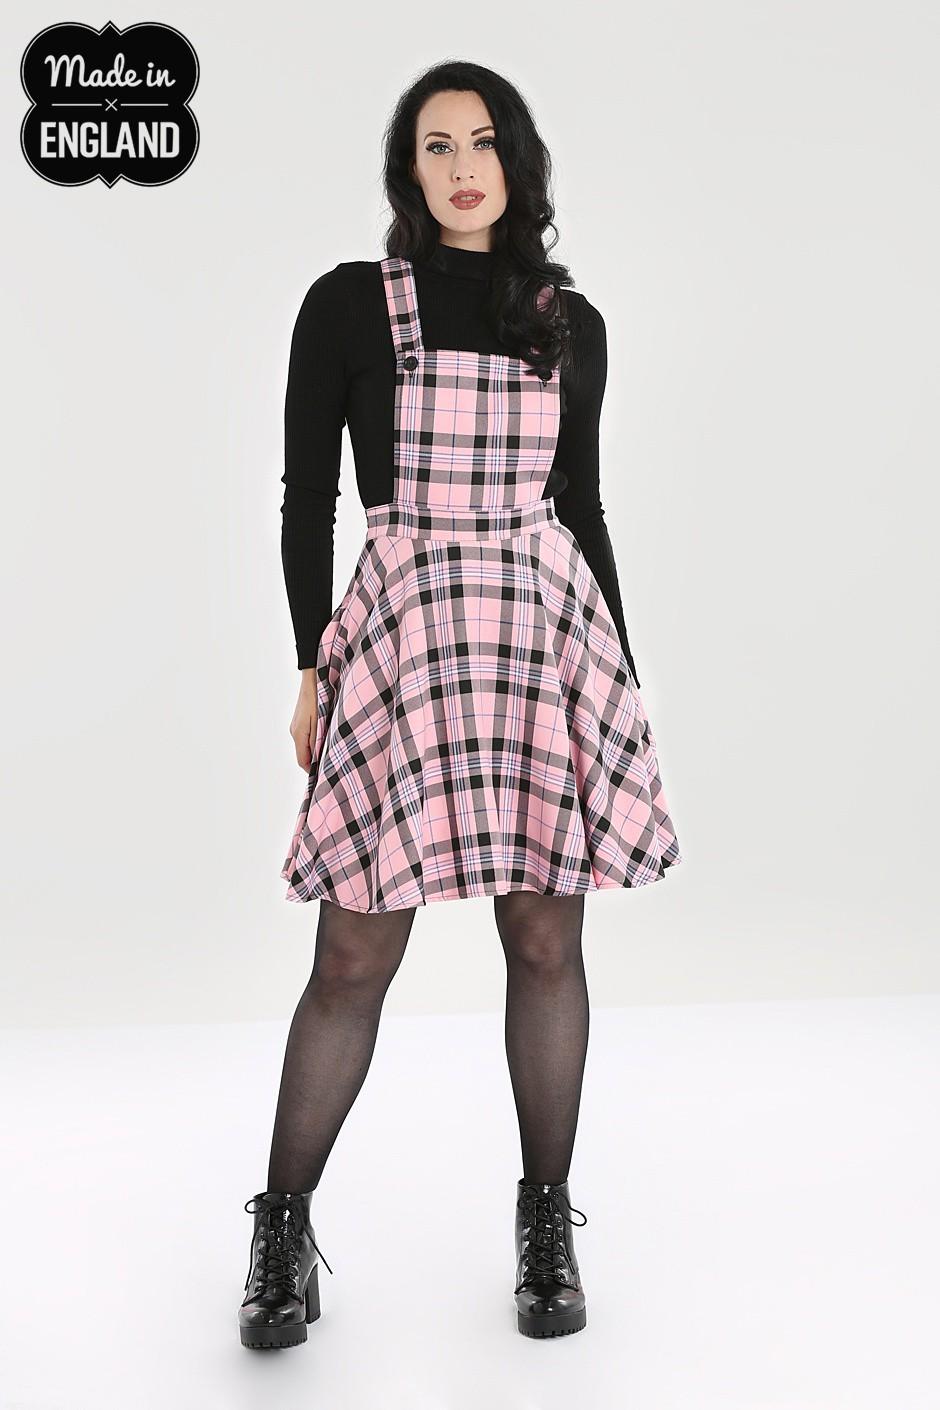 Jupe salopette tartan rose et noir, années 60